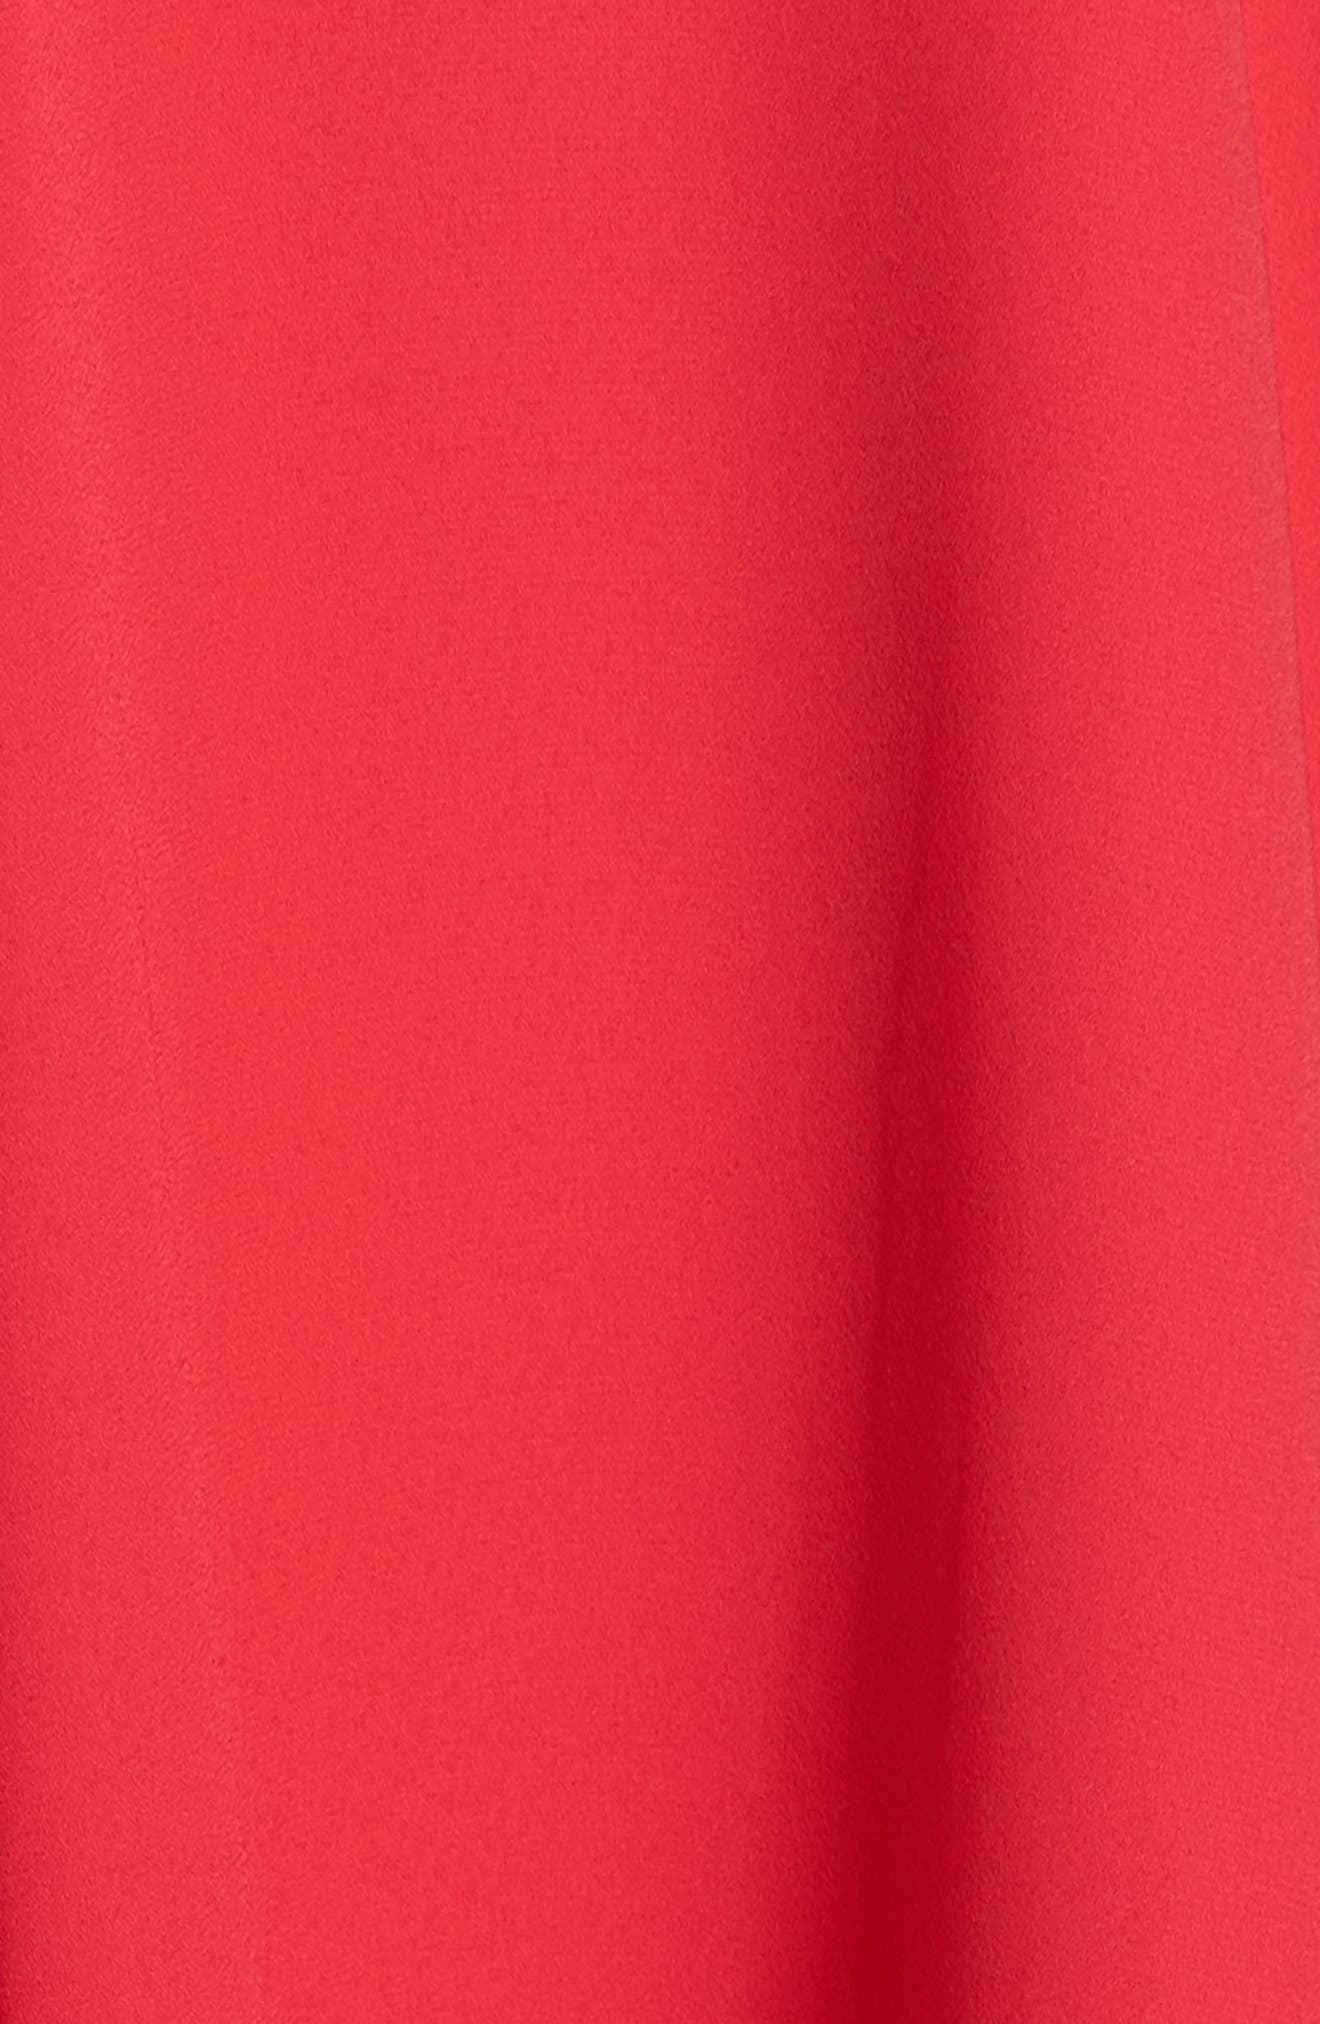 Asymmetric Hem Shift Dress,                             Alternate thumbnail 15, color,